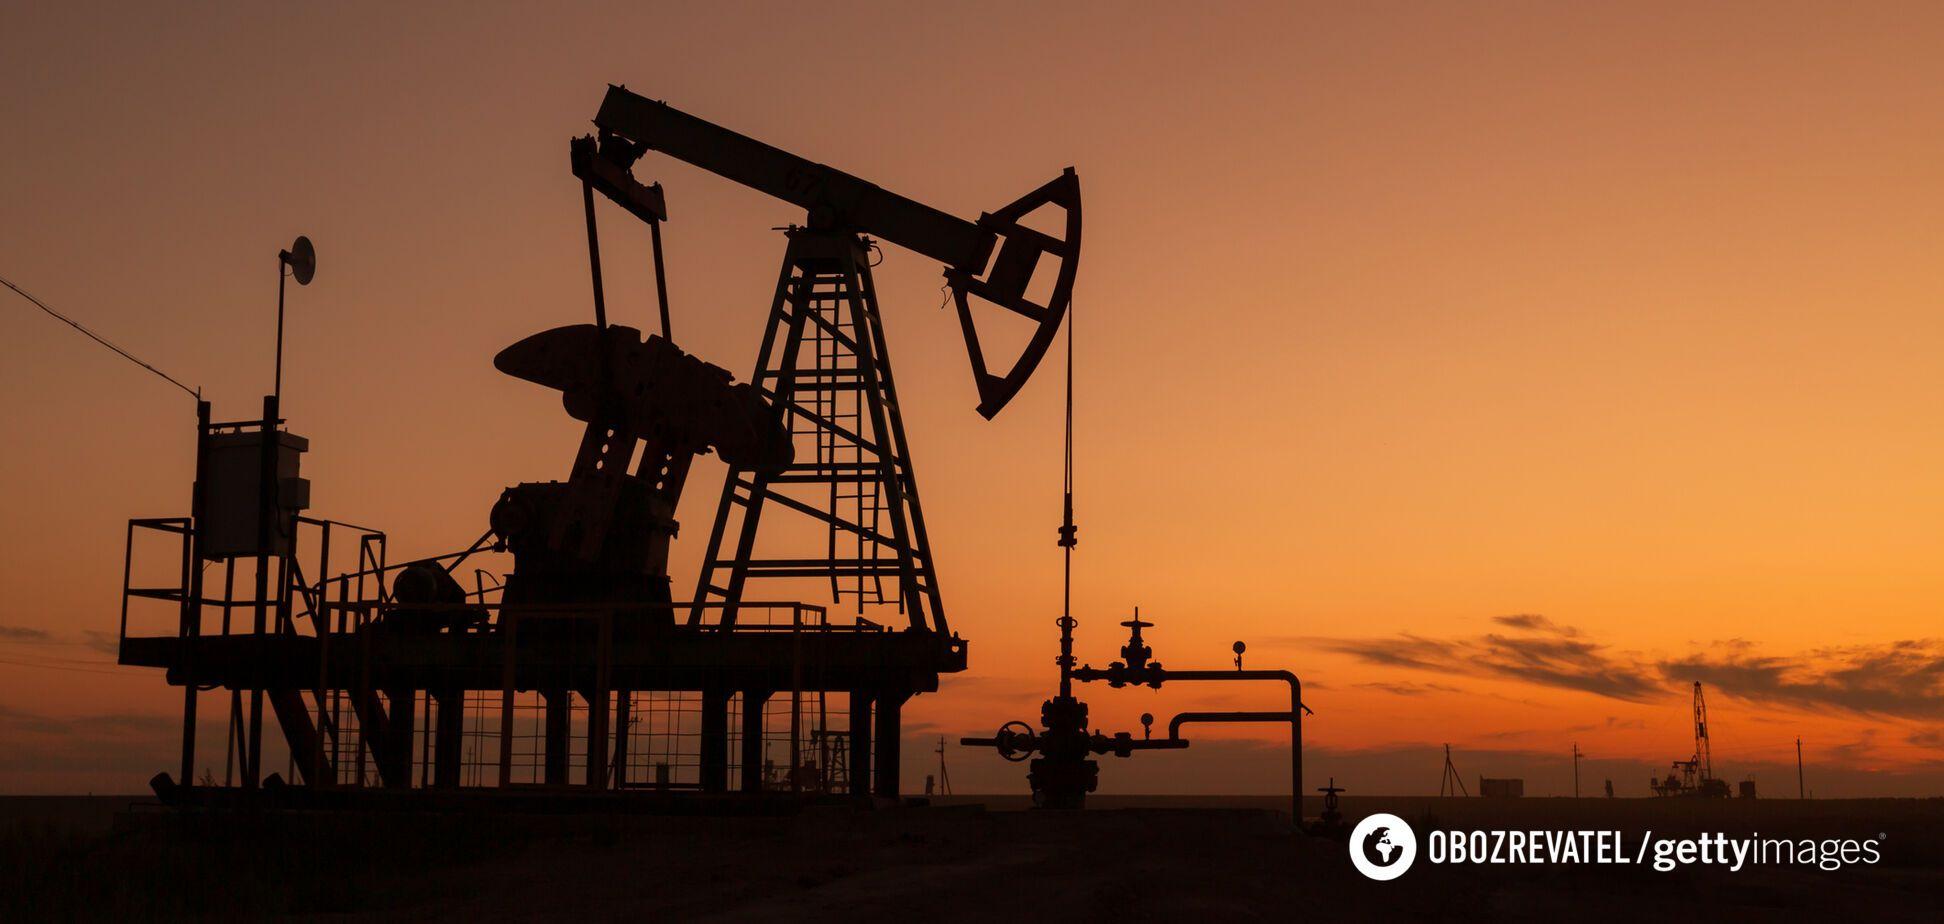 Падіння цін на нафту: економіст розповів про наслідки для економіки РФ